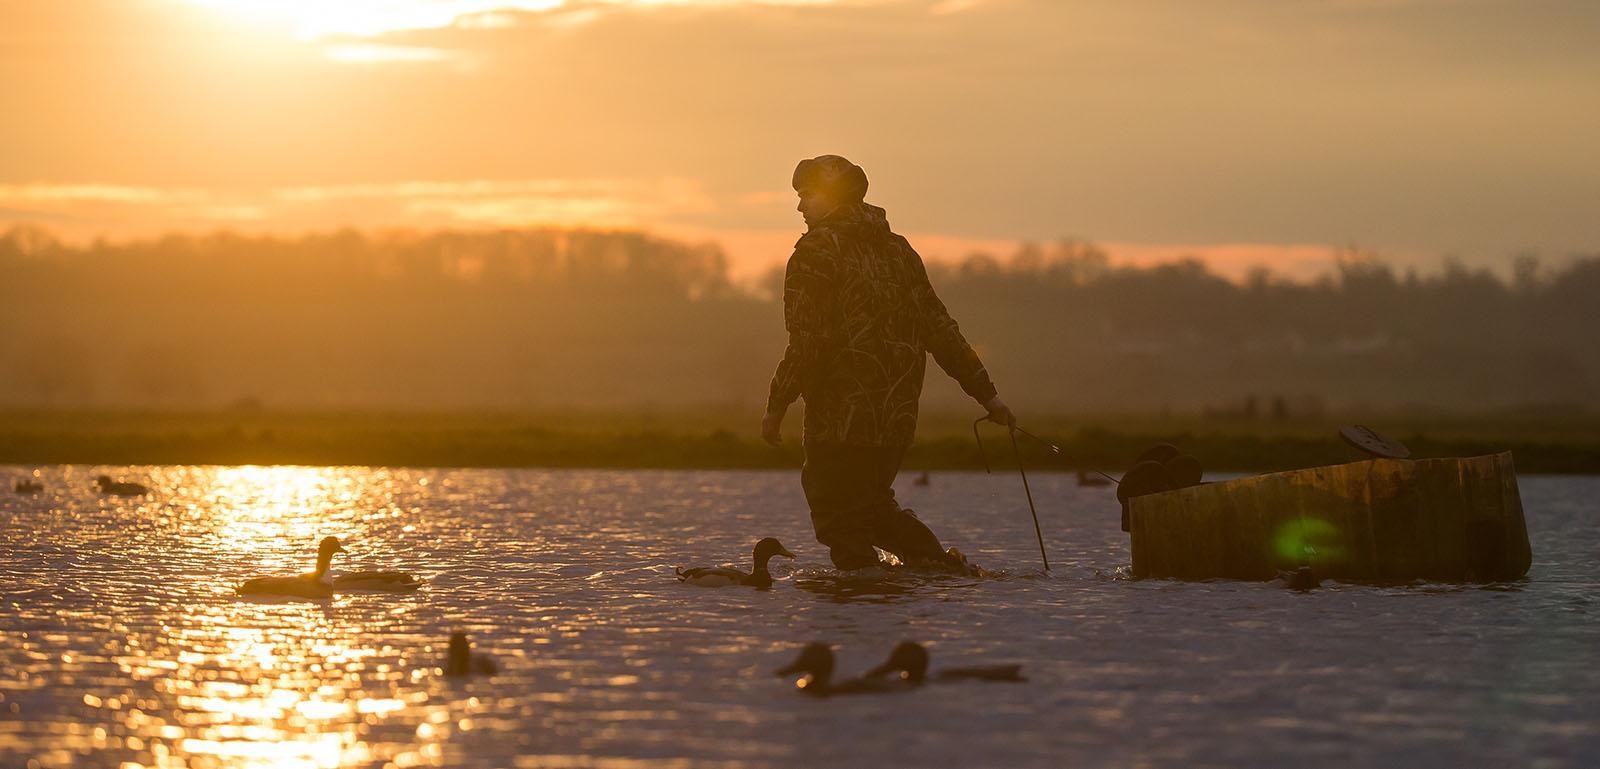 Un chasseur pose des appelants d'oiseaux dans un marais